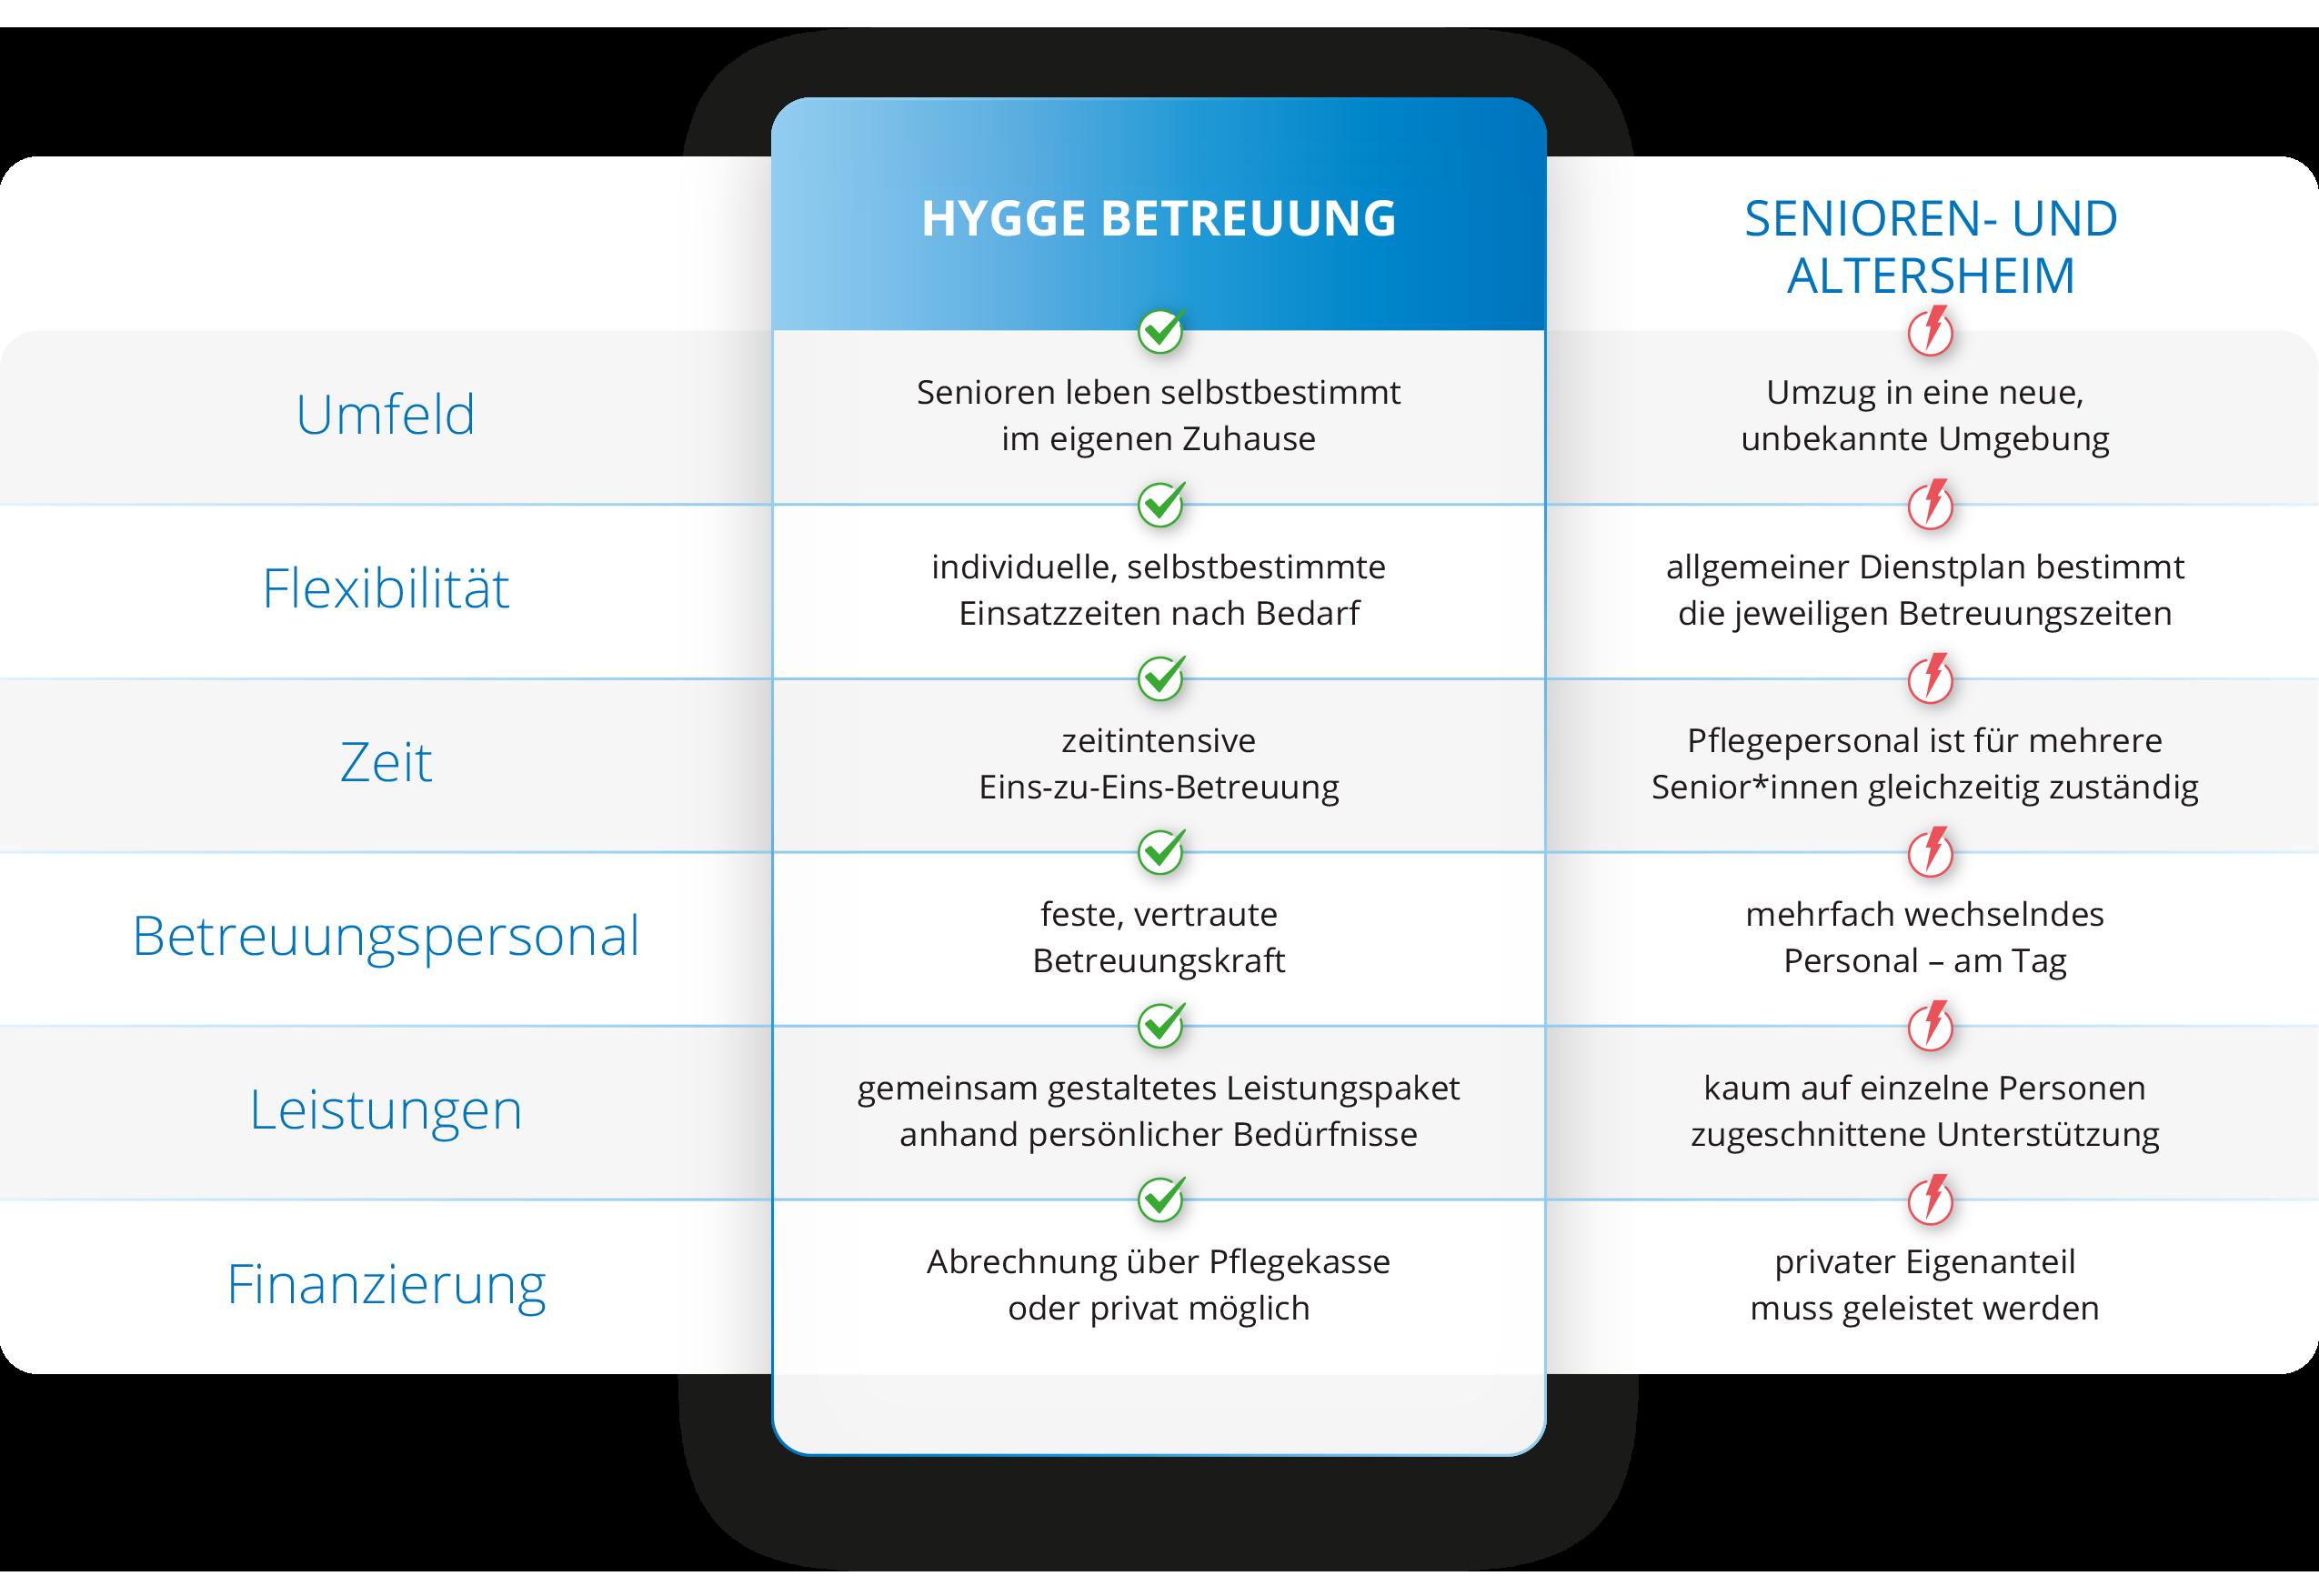 Vergleich zwischen Hygge Betreuung und Seniorenheim und Altersheim für die Leipziger Angebote in der Seniorenbetreuung